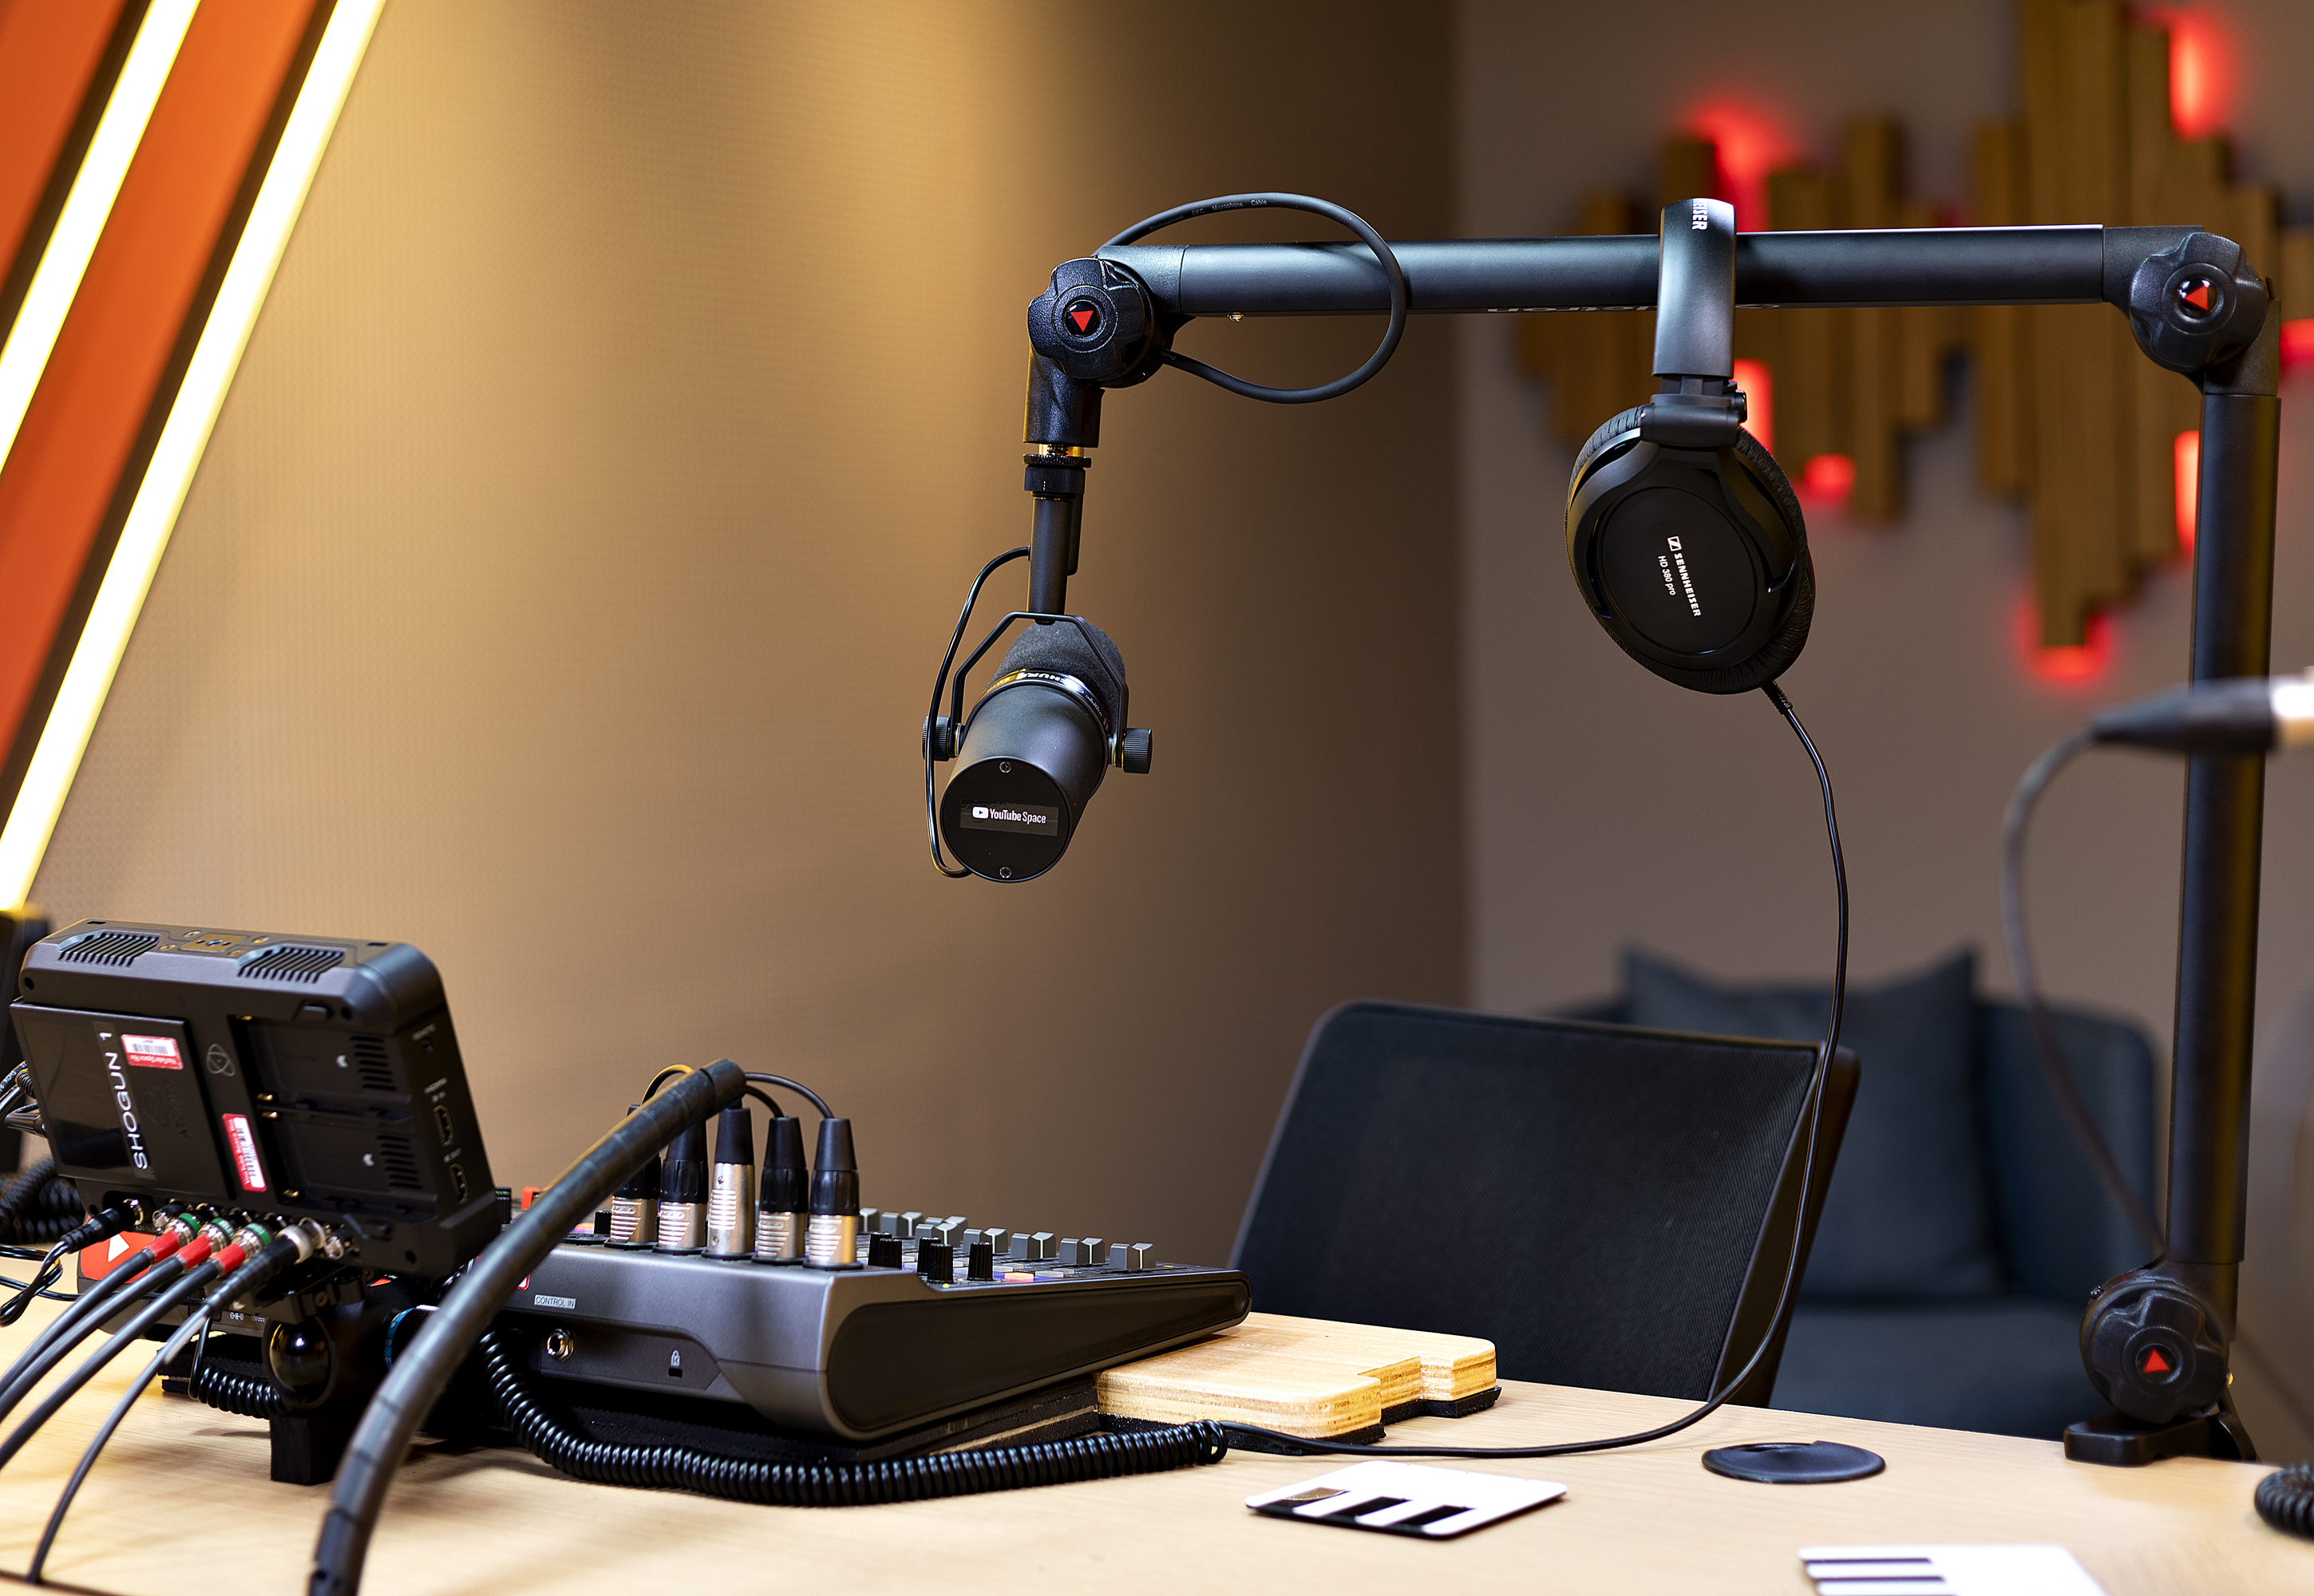 YouTube inaugura espaço para Podcasts e Videocasts no RJ